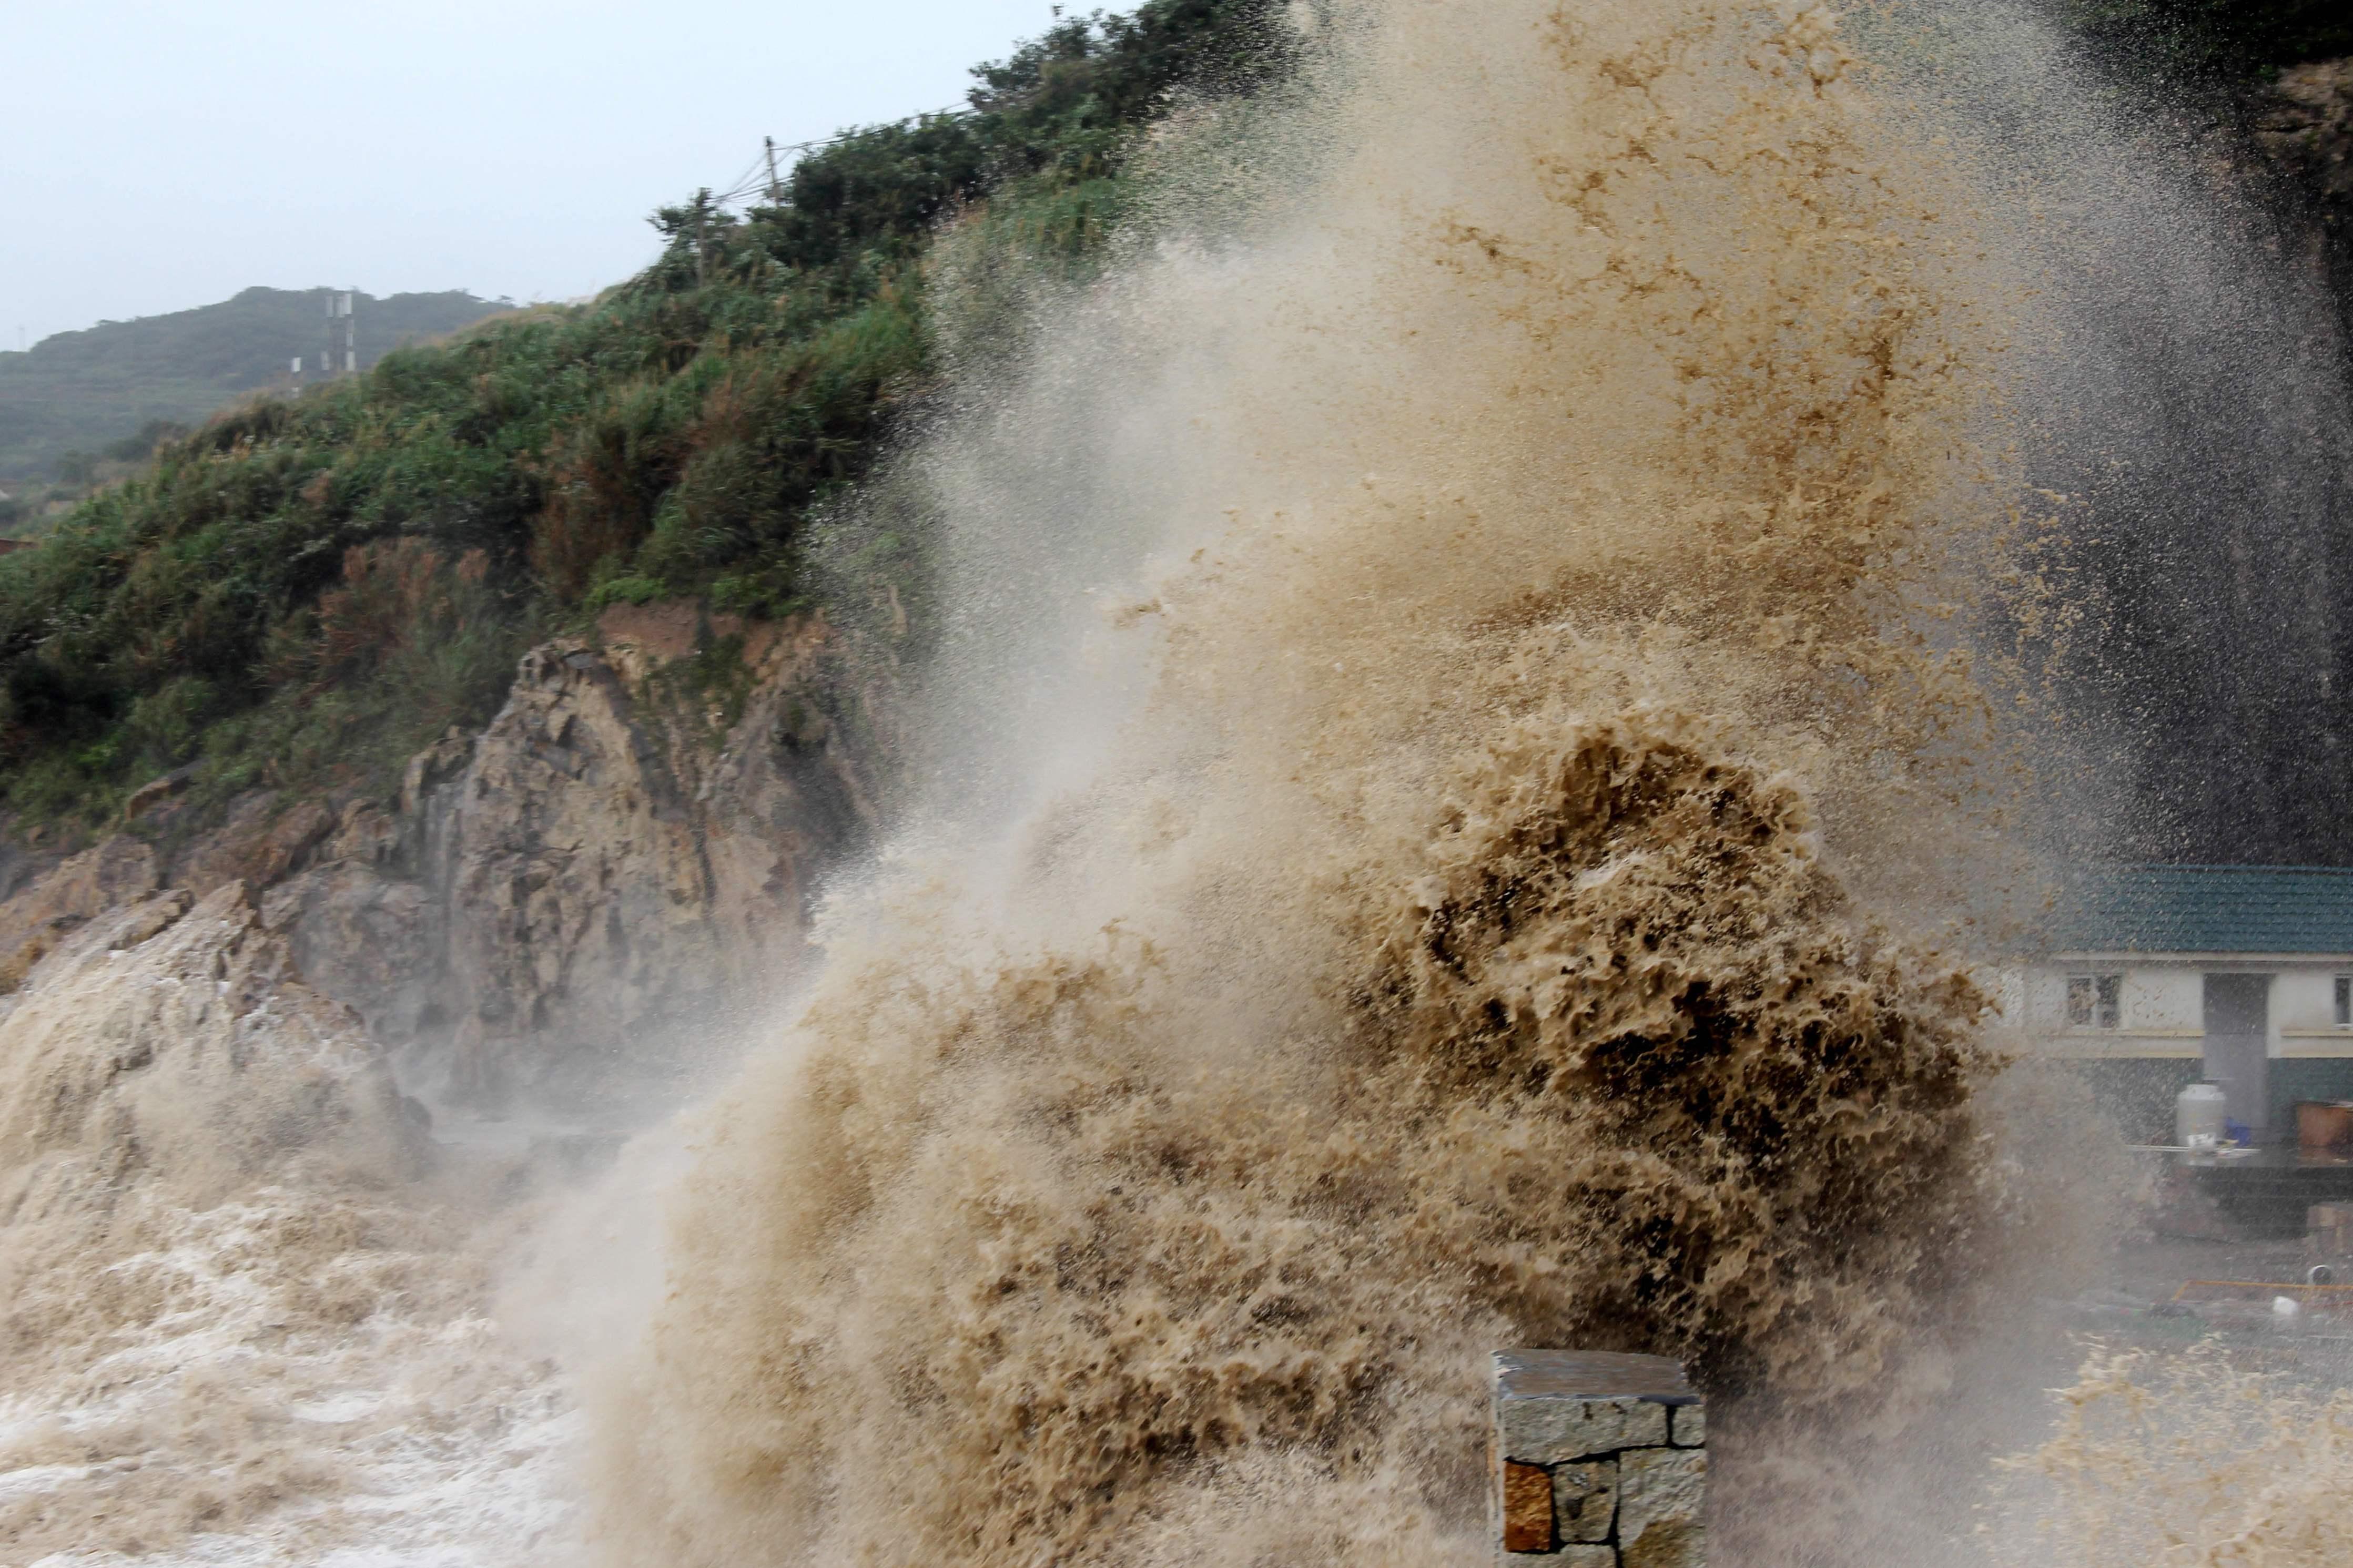 ارتفاع أمواج البحر بسبب اعصار ماريا